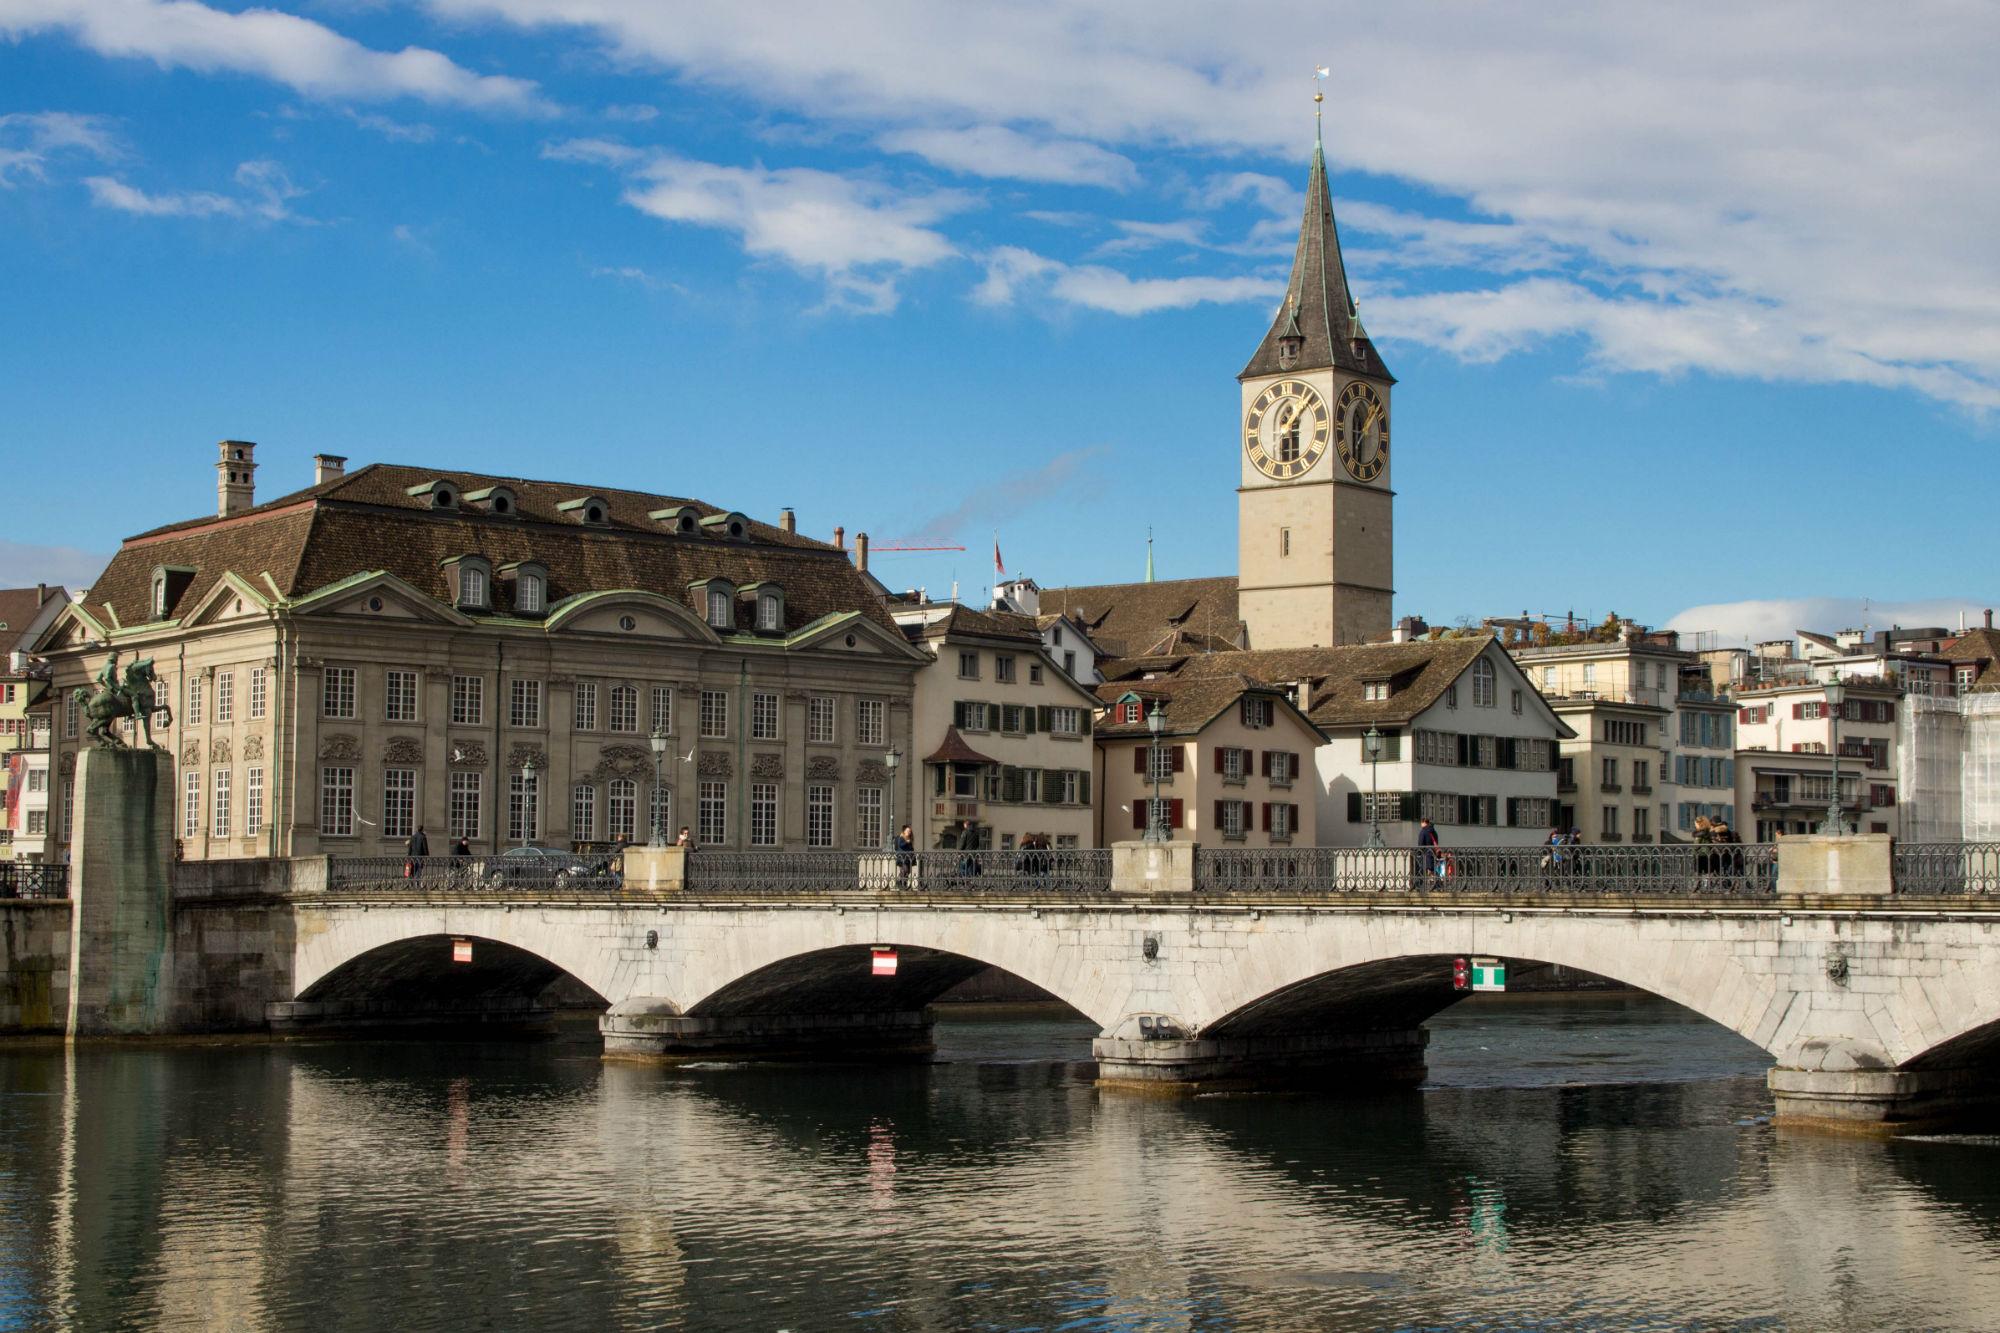 Bridge With Church Tower In Zürich